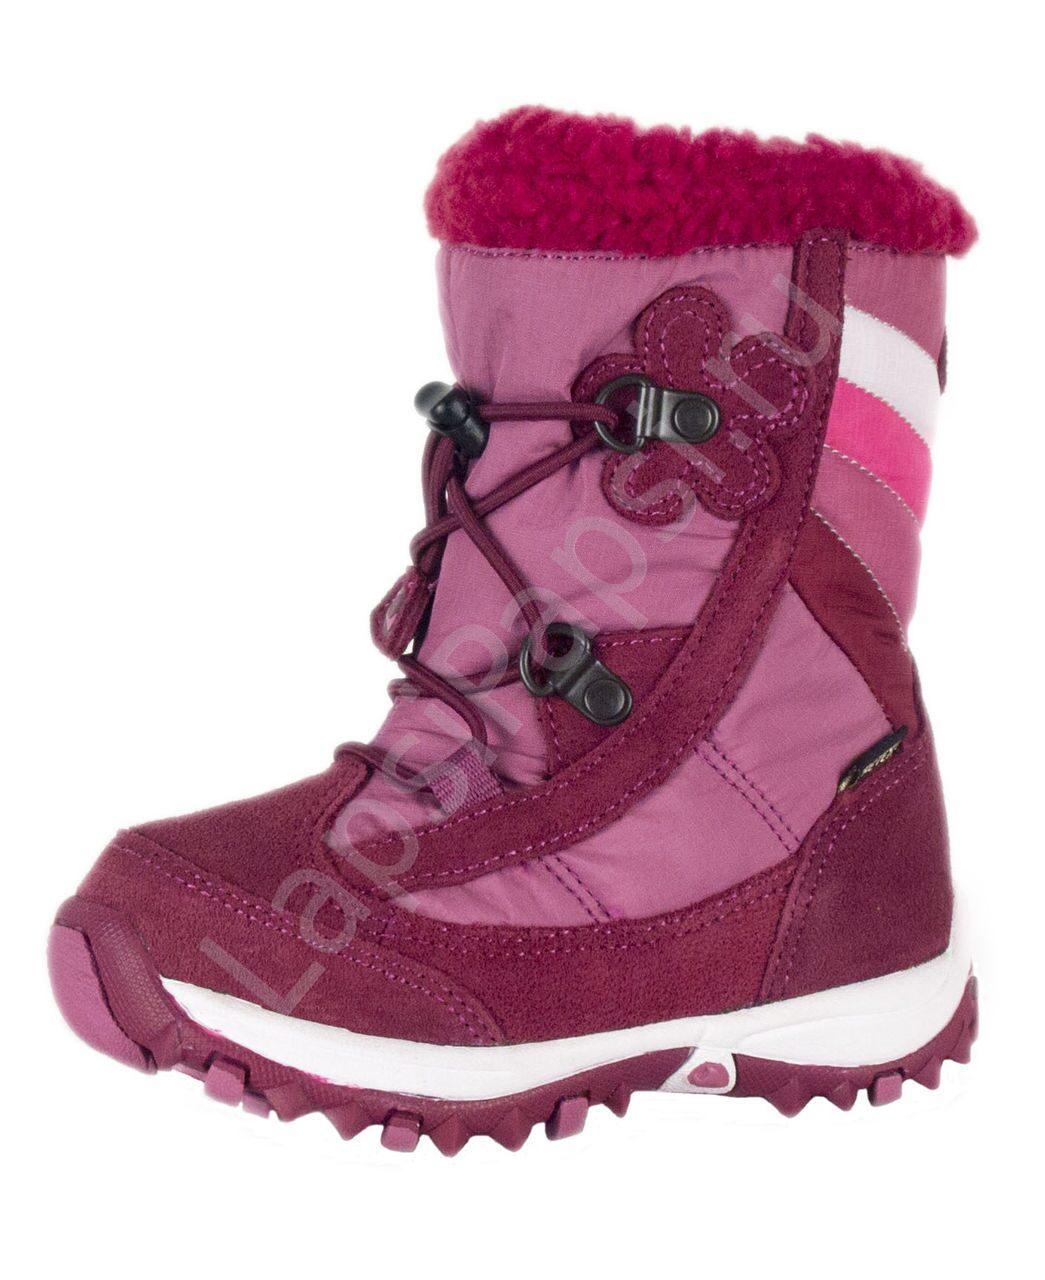 Детская обувь Viking (Викинг) в интернет-магазине